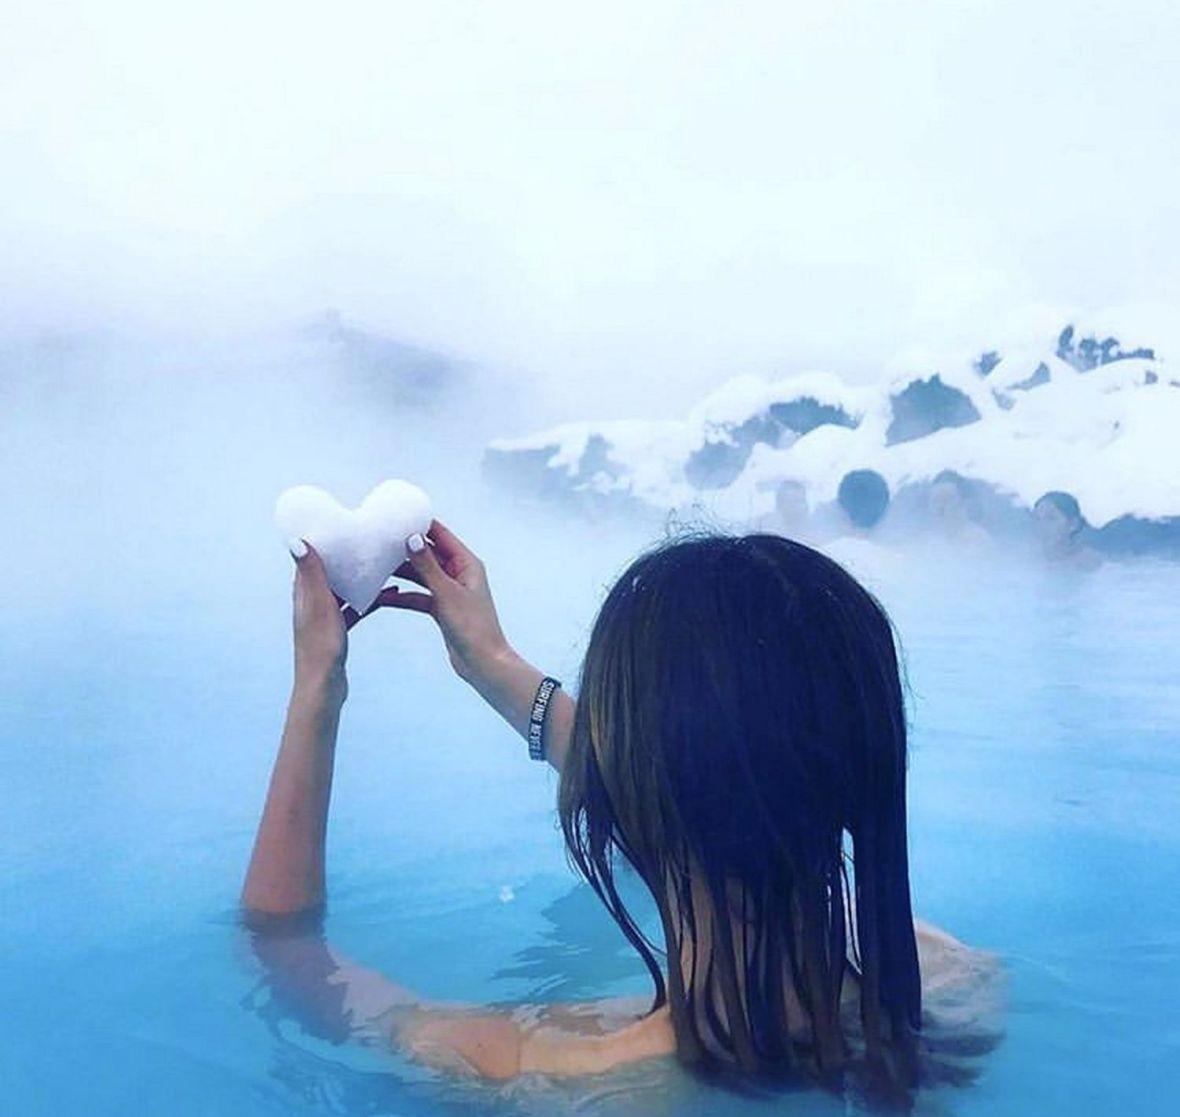 Moment zen bains chauds méditation relaxation bains sulfureux sauvages